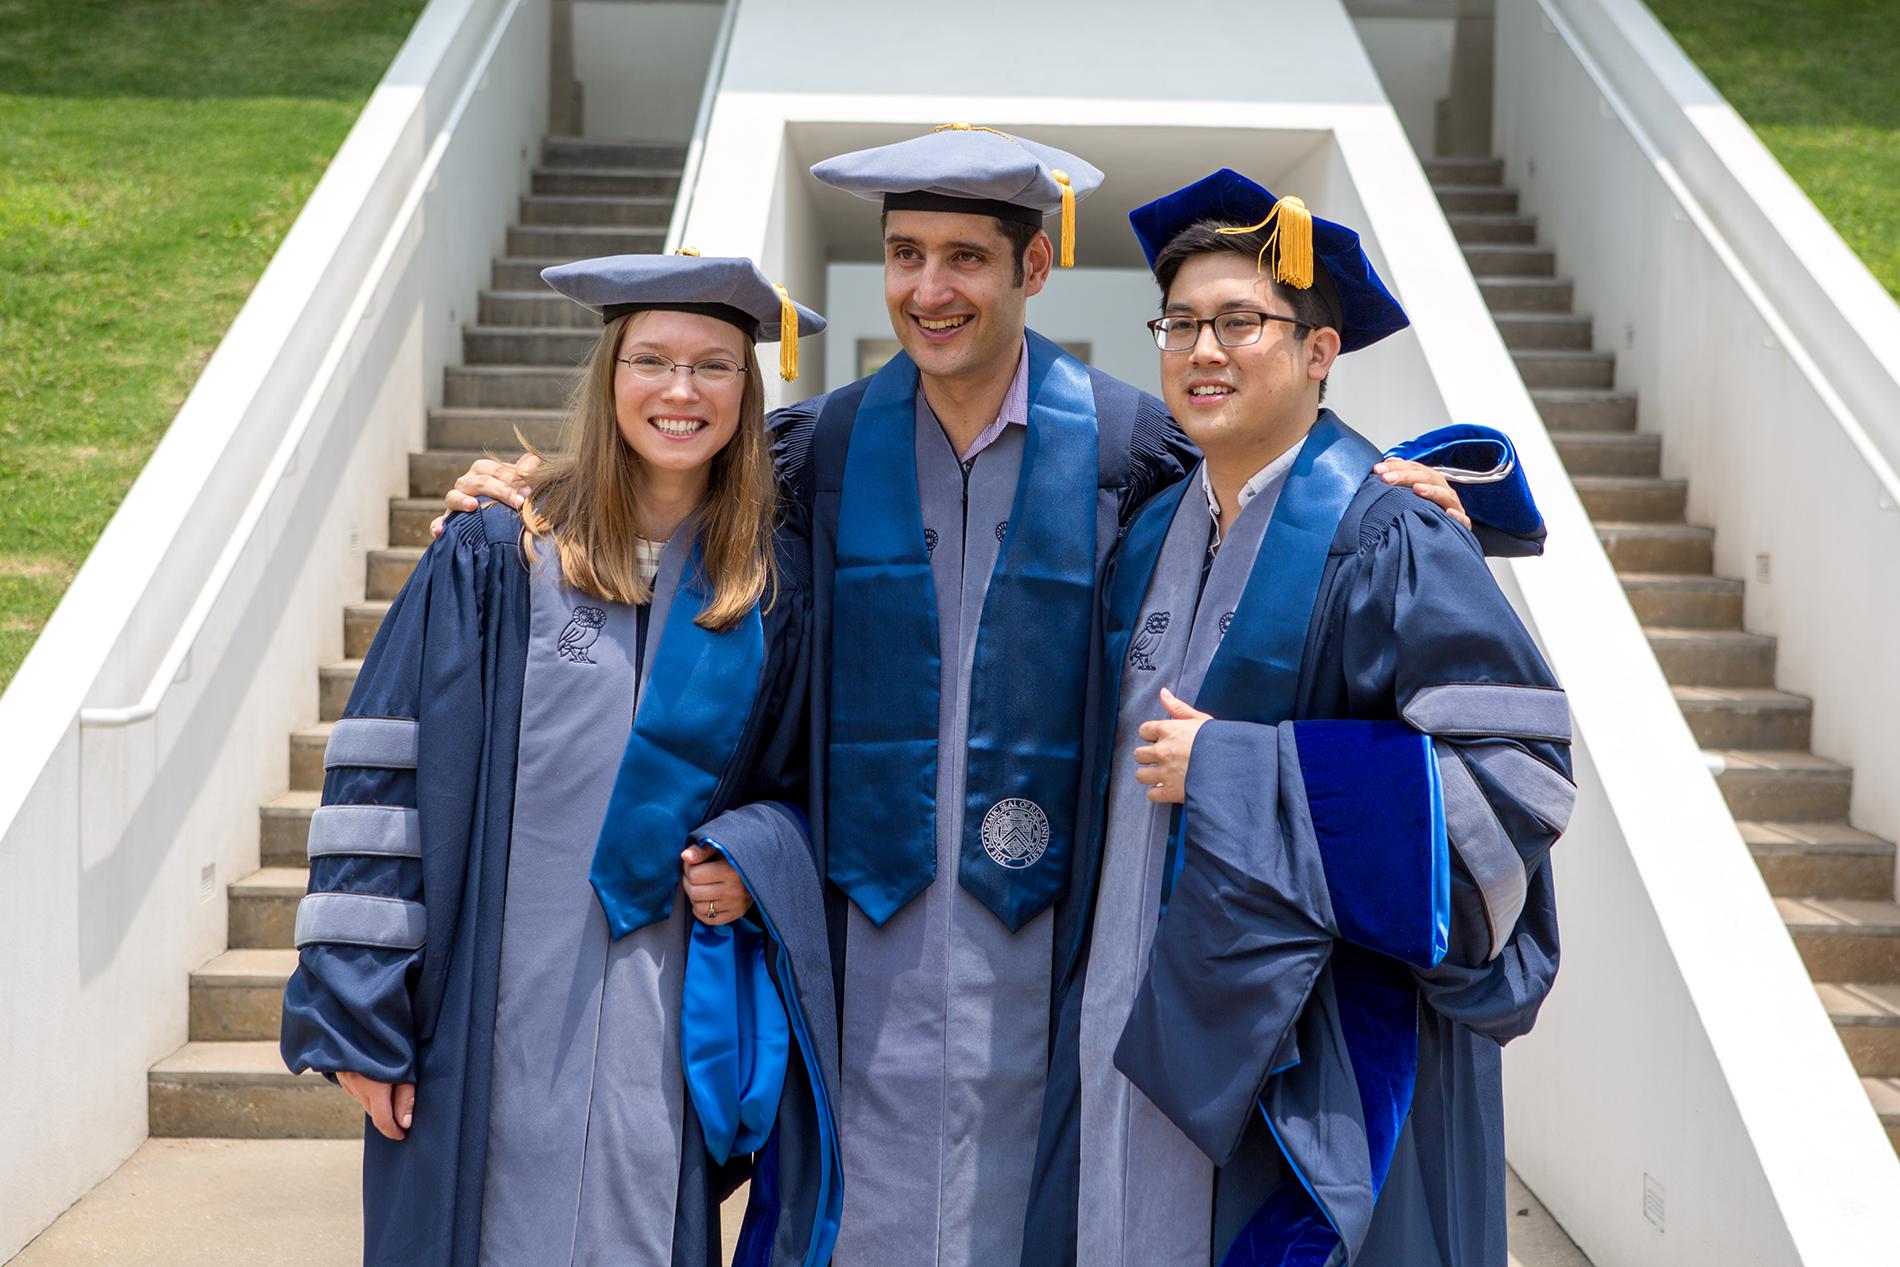 phd in finance recent graduates jpg jones graduate school of